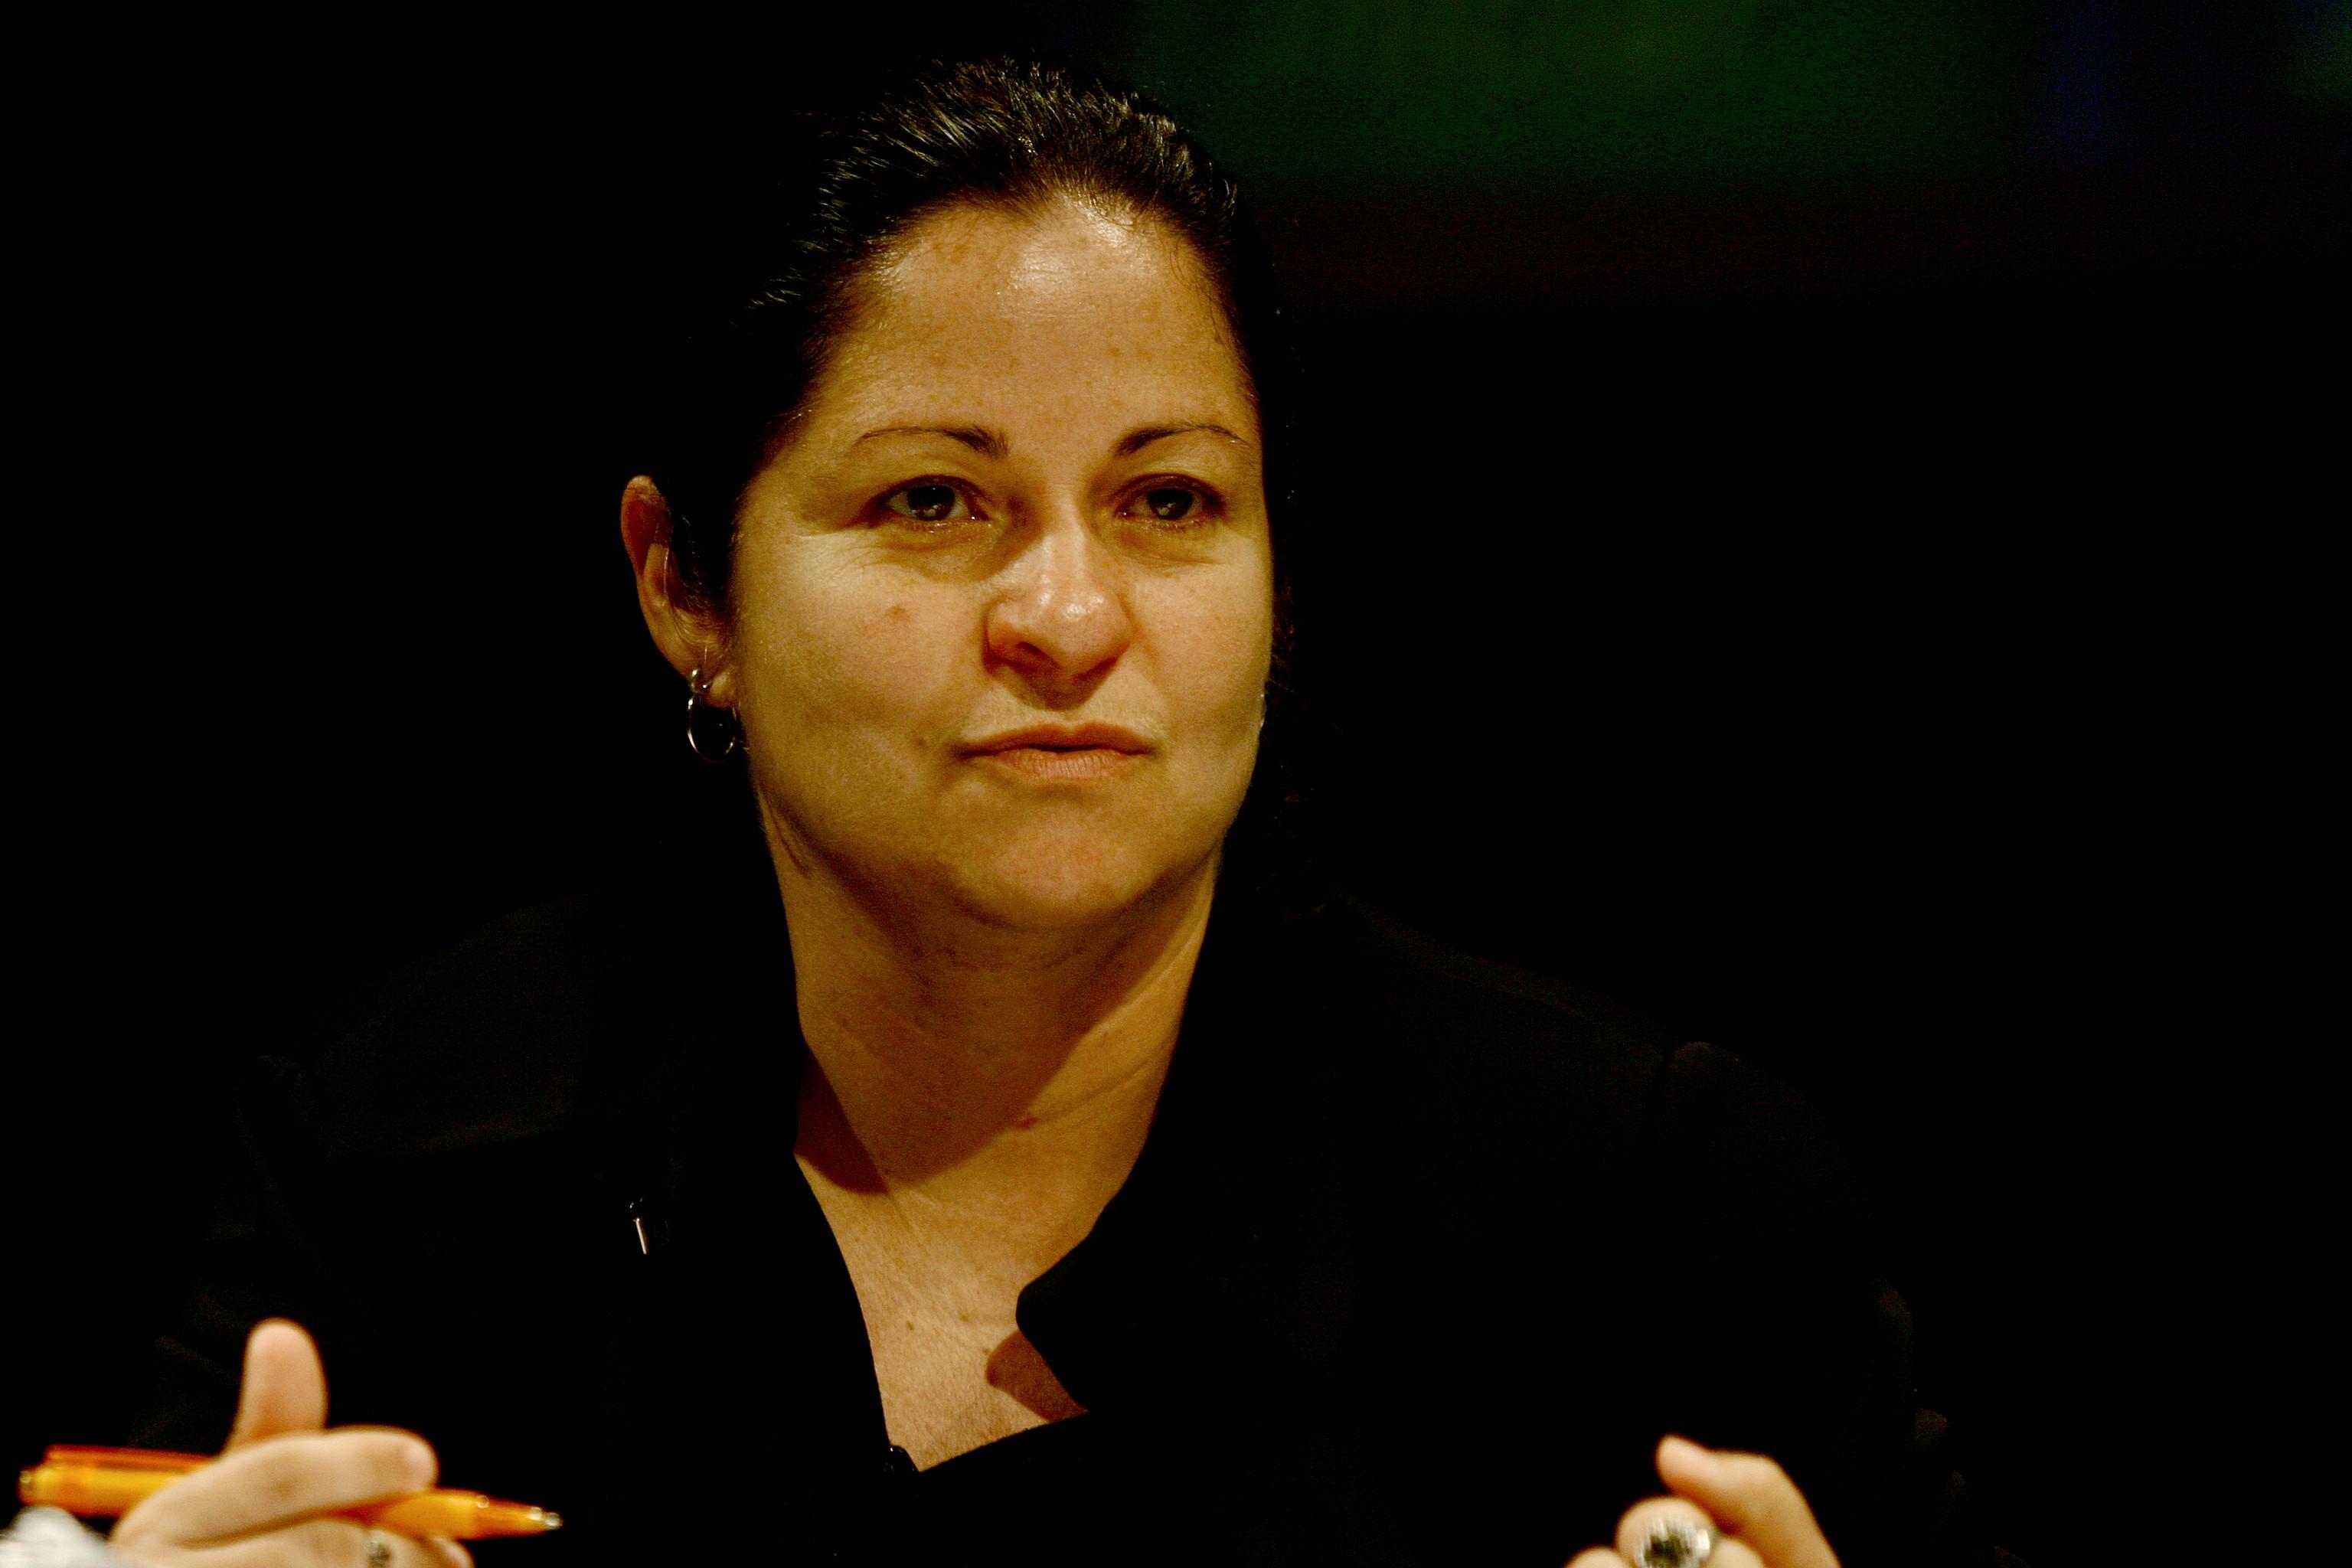 Jacqueline de Castro